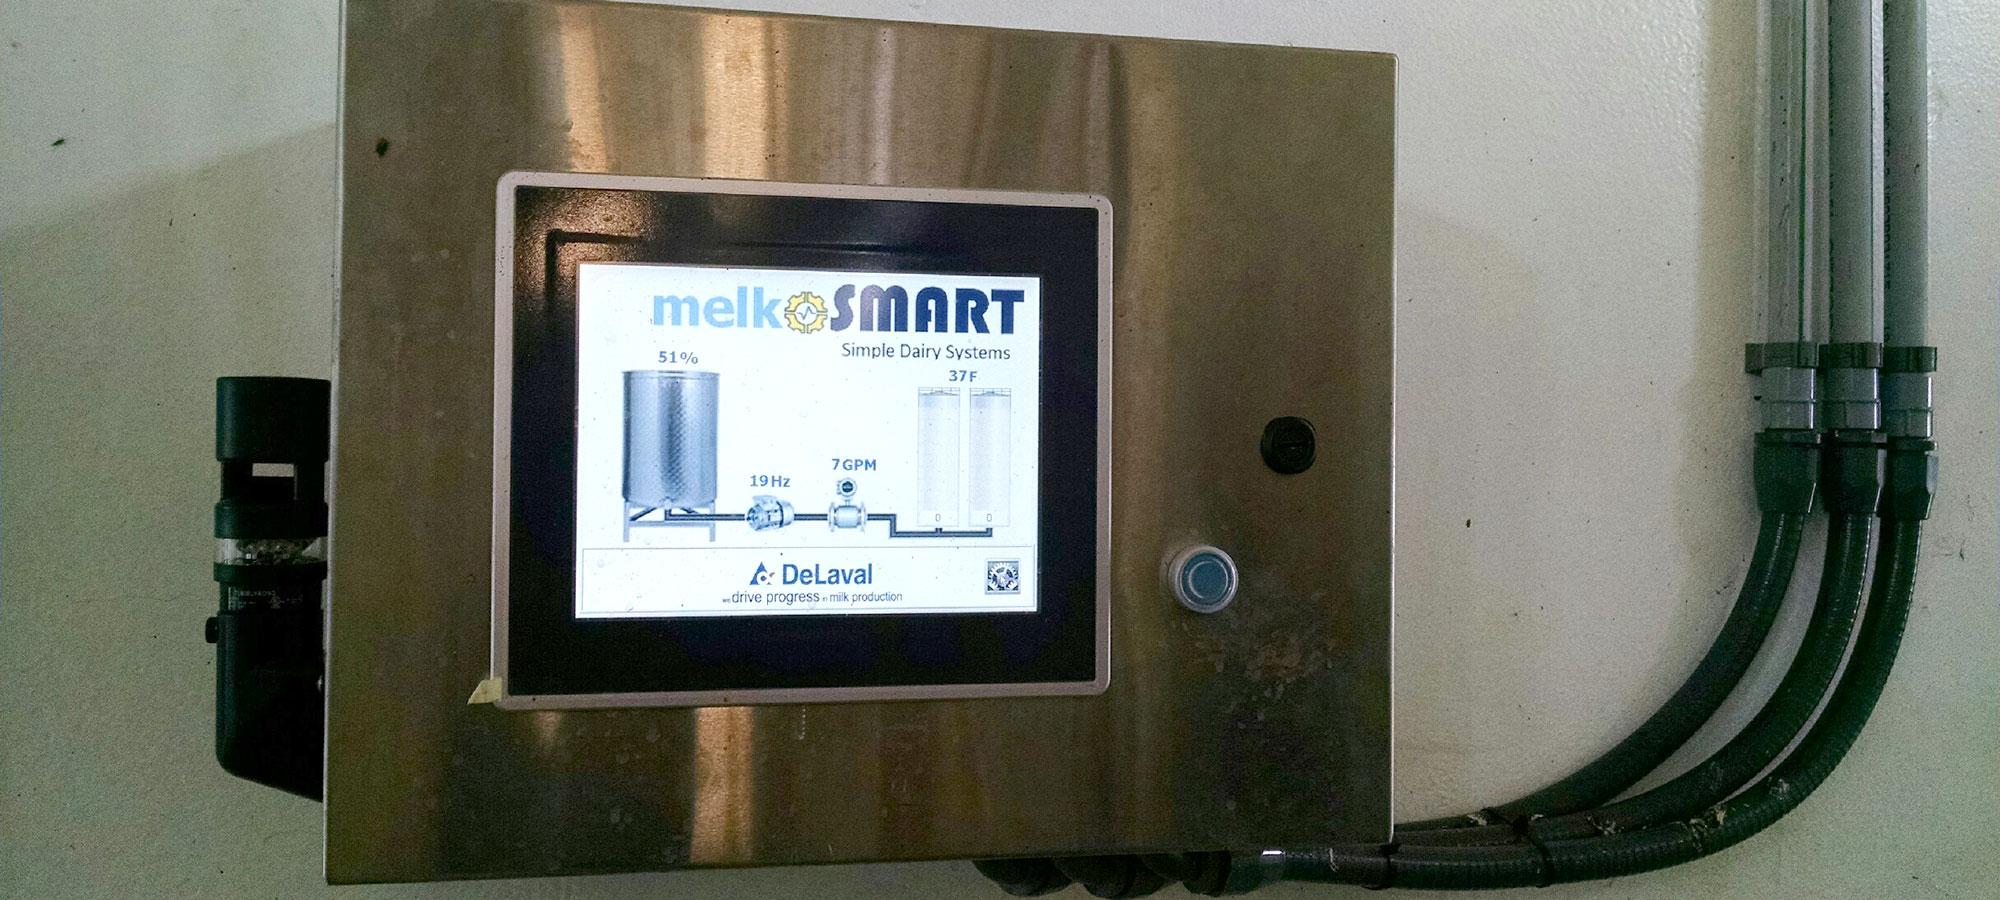 Dairy System